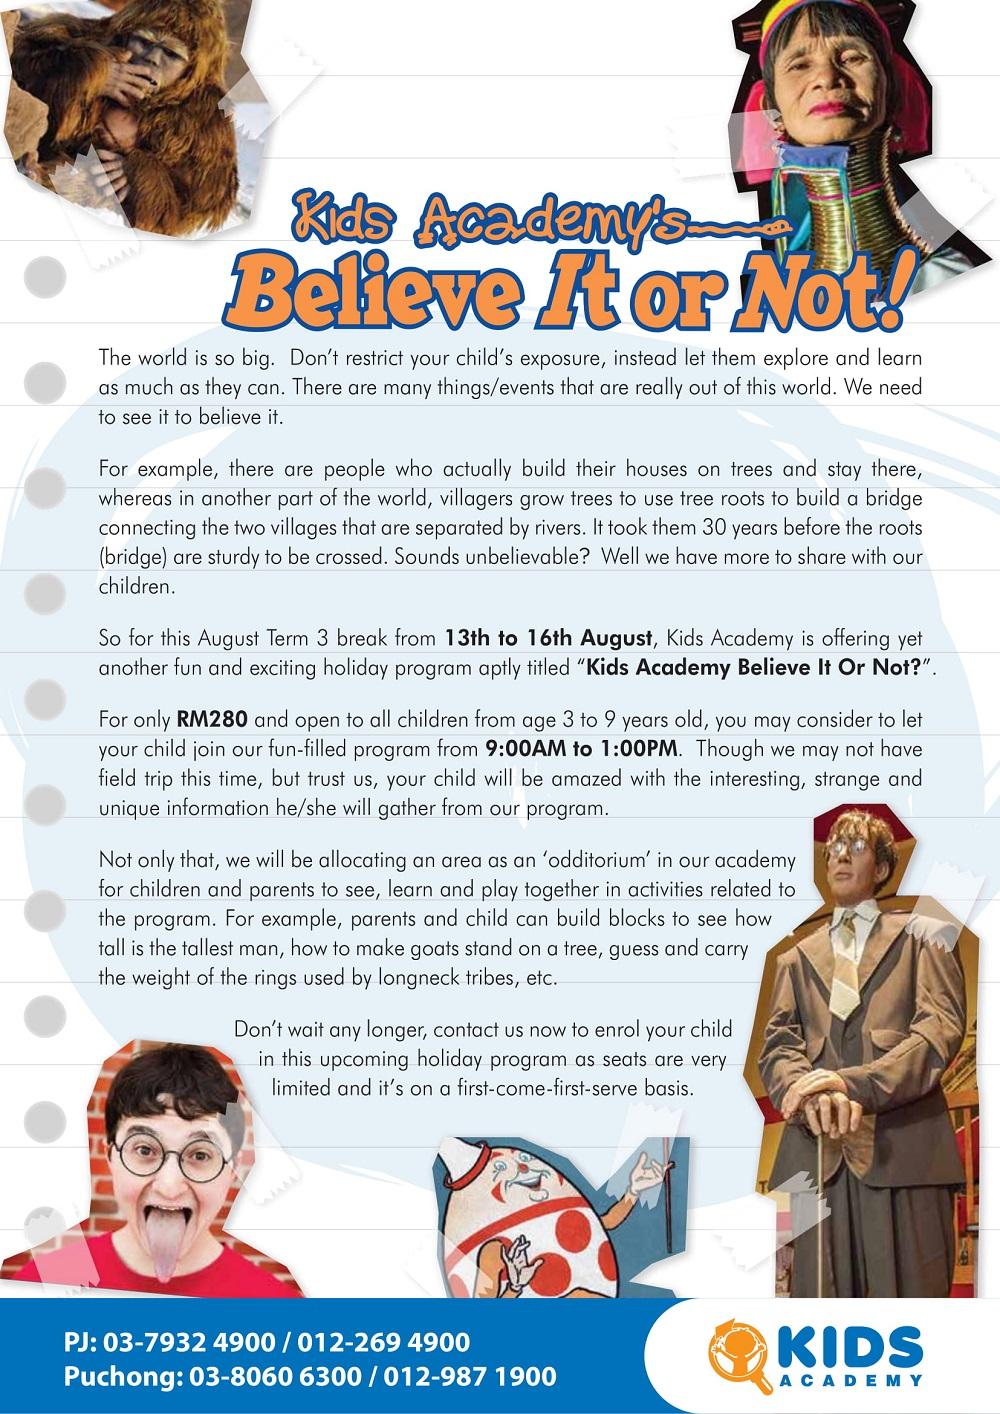 Kids Academy's Believe It or Not!